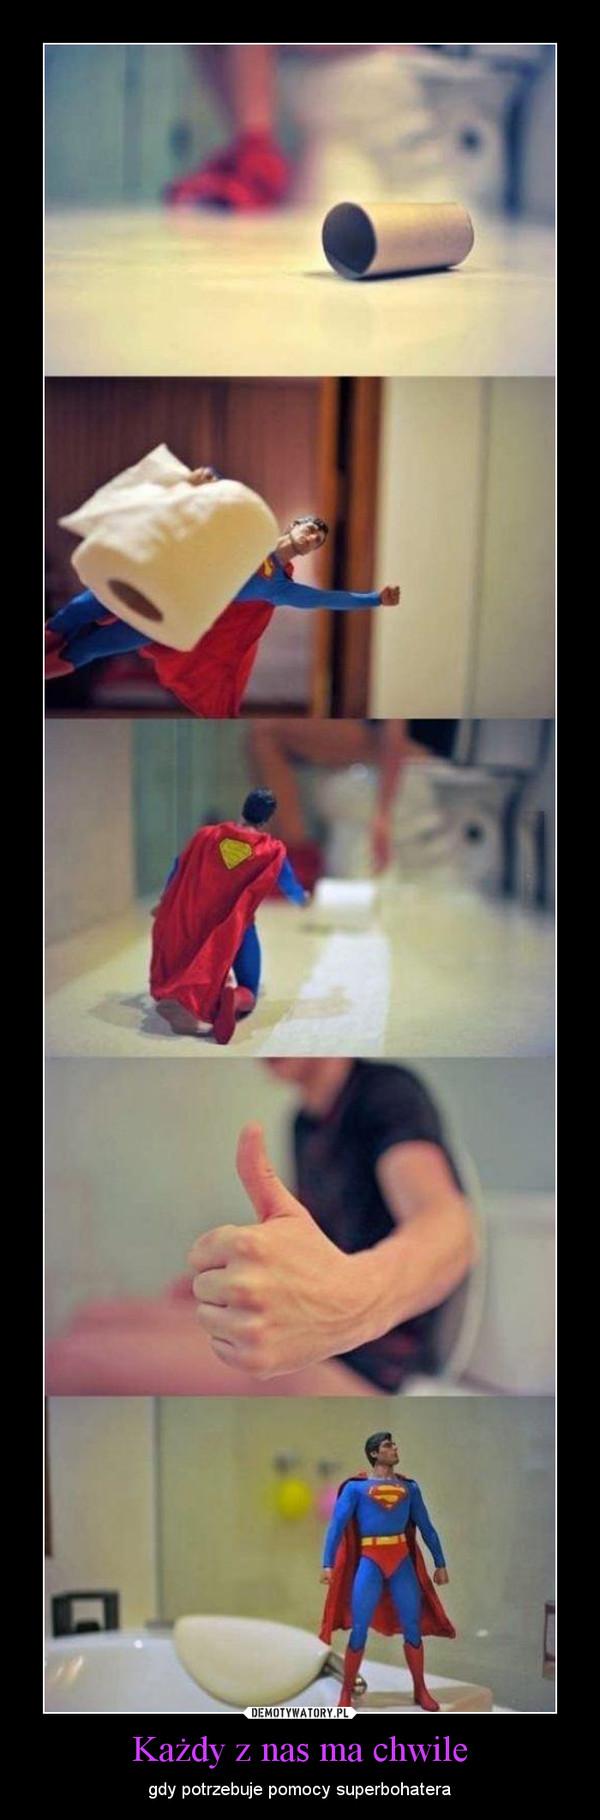 Każdy z nas ma chwile – gdy potrzebuje pomocy superbohatera